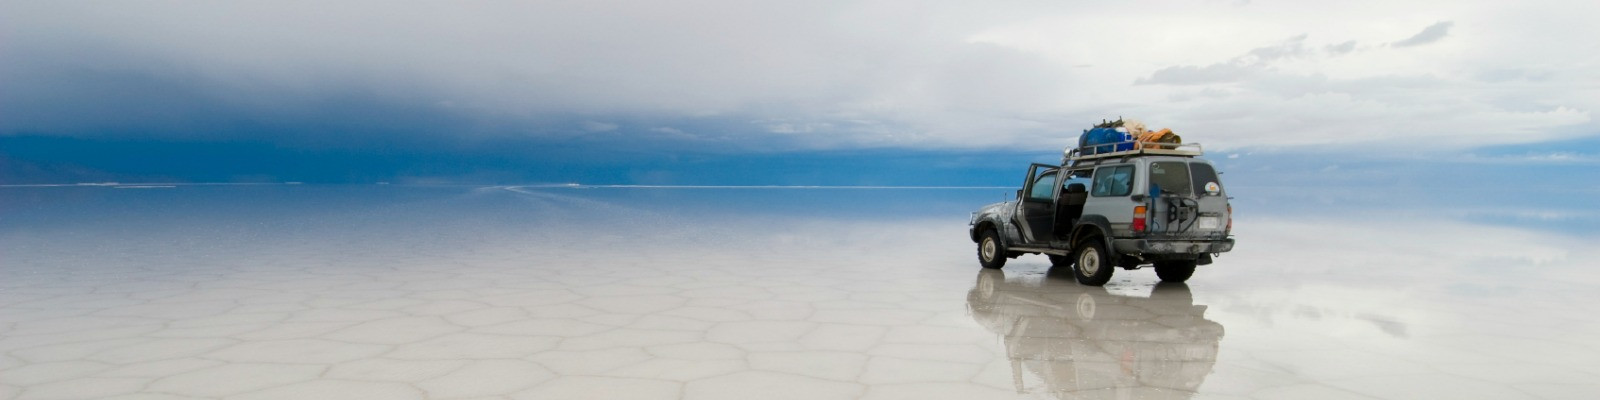 Foto Zuid Amerika reizen